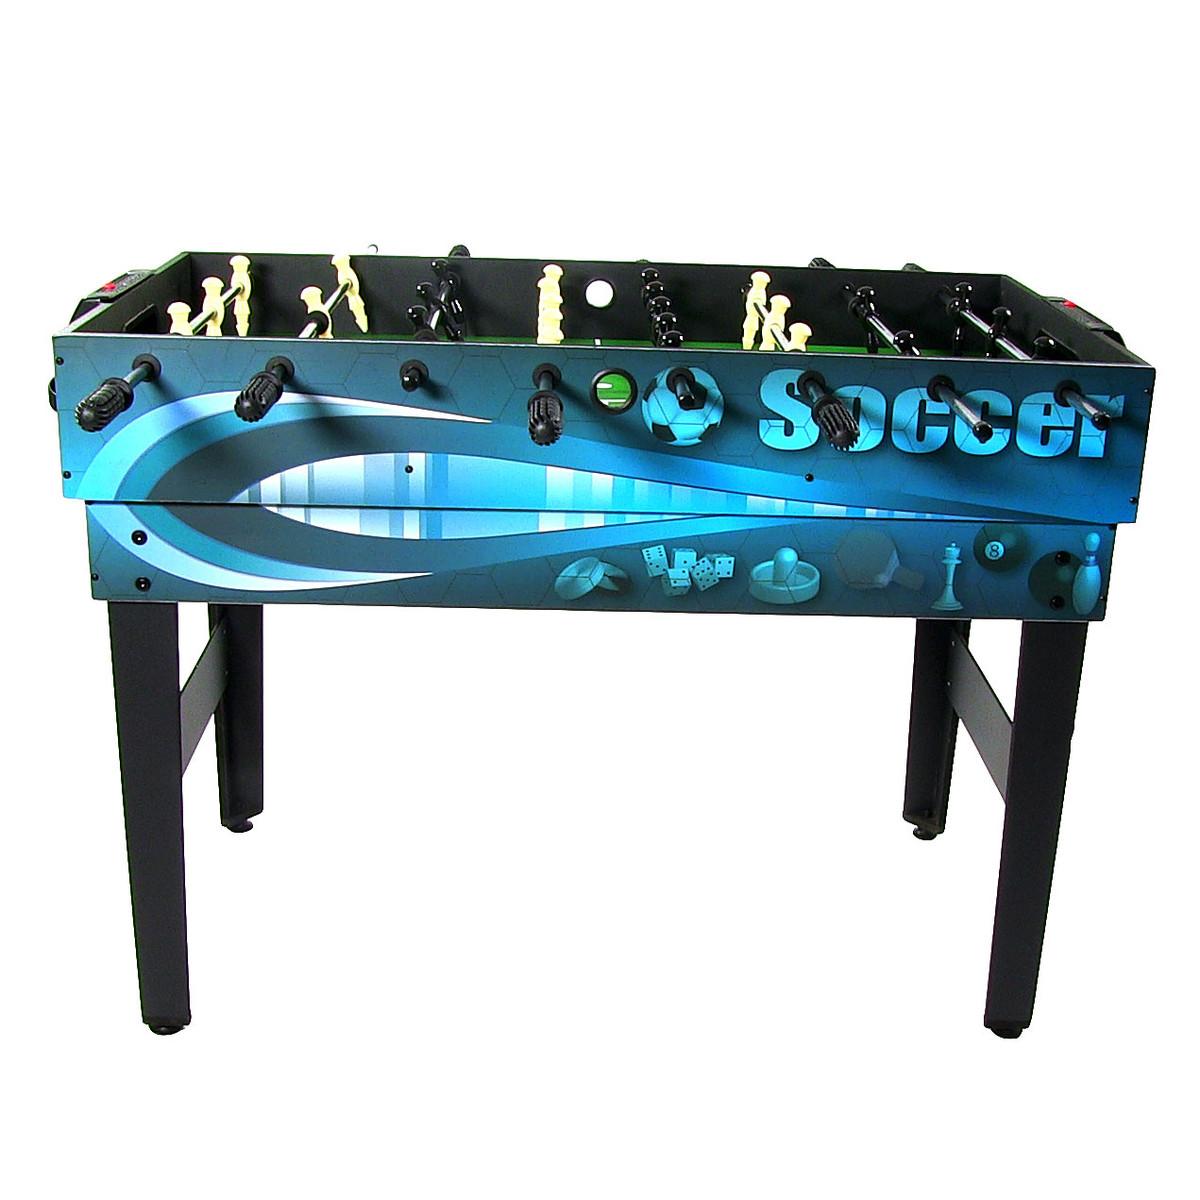 Sunnydaze Decor 10-in-1 Multi-game Table 40